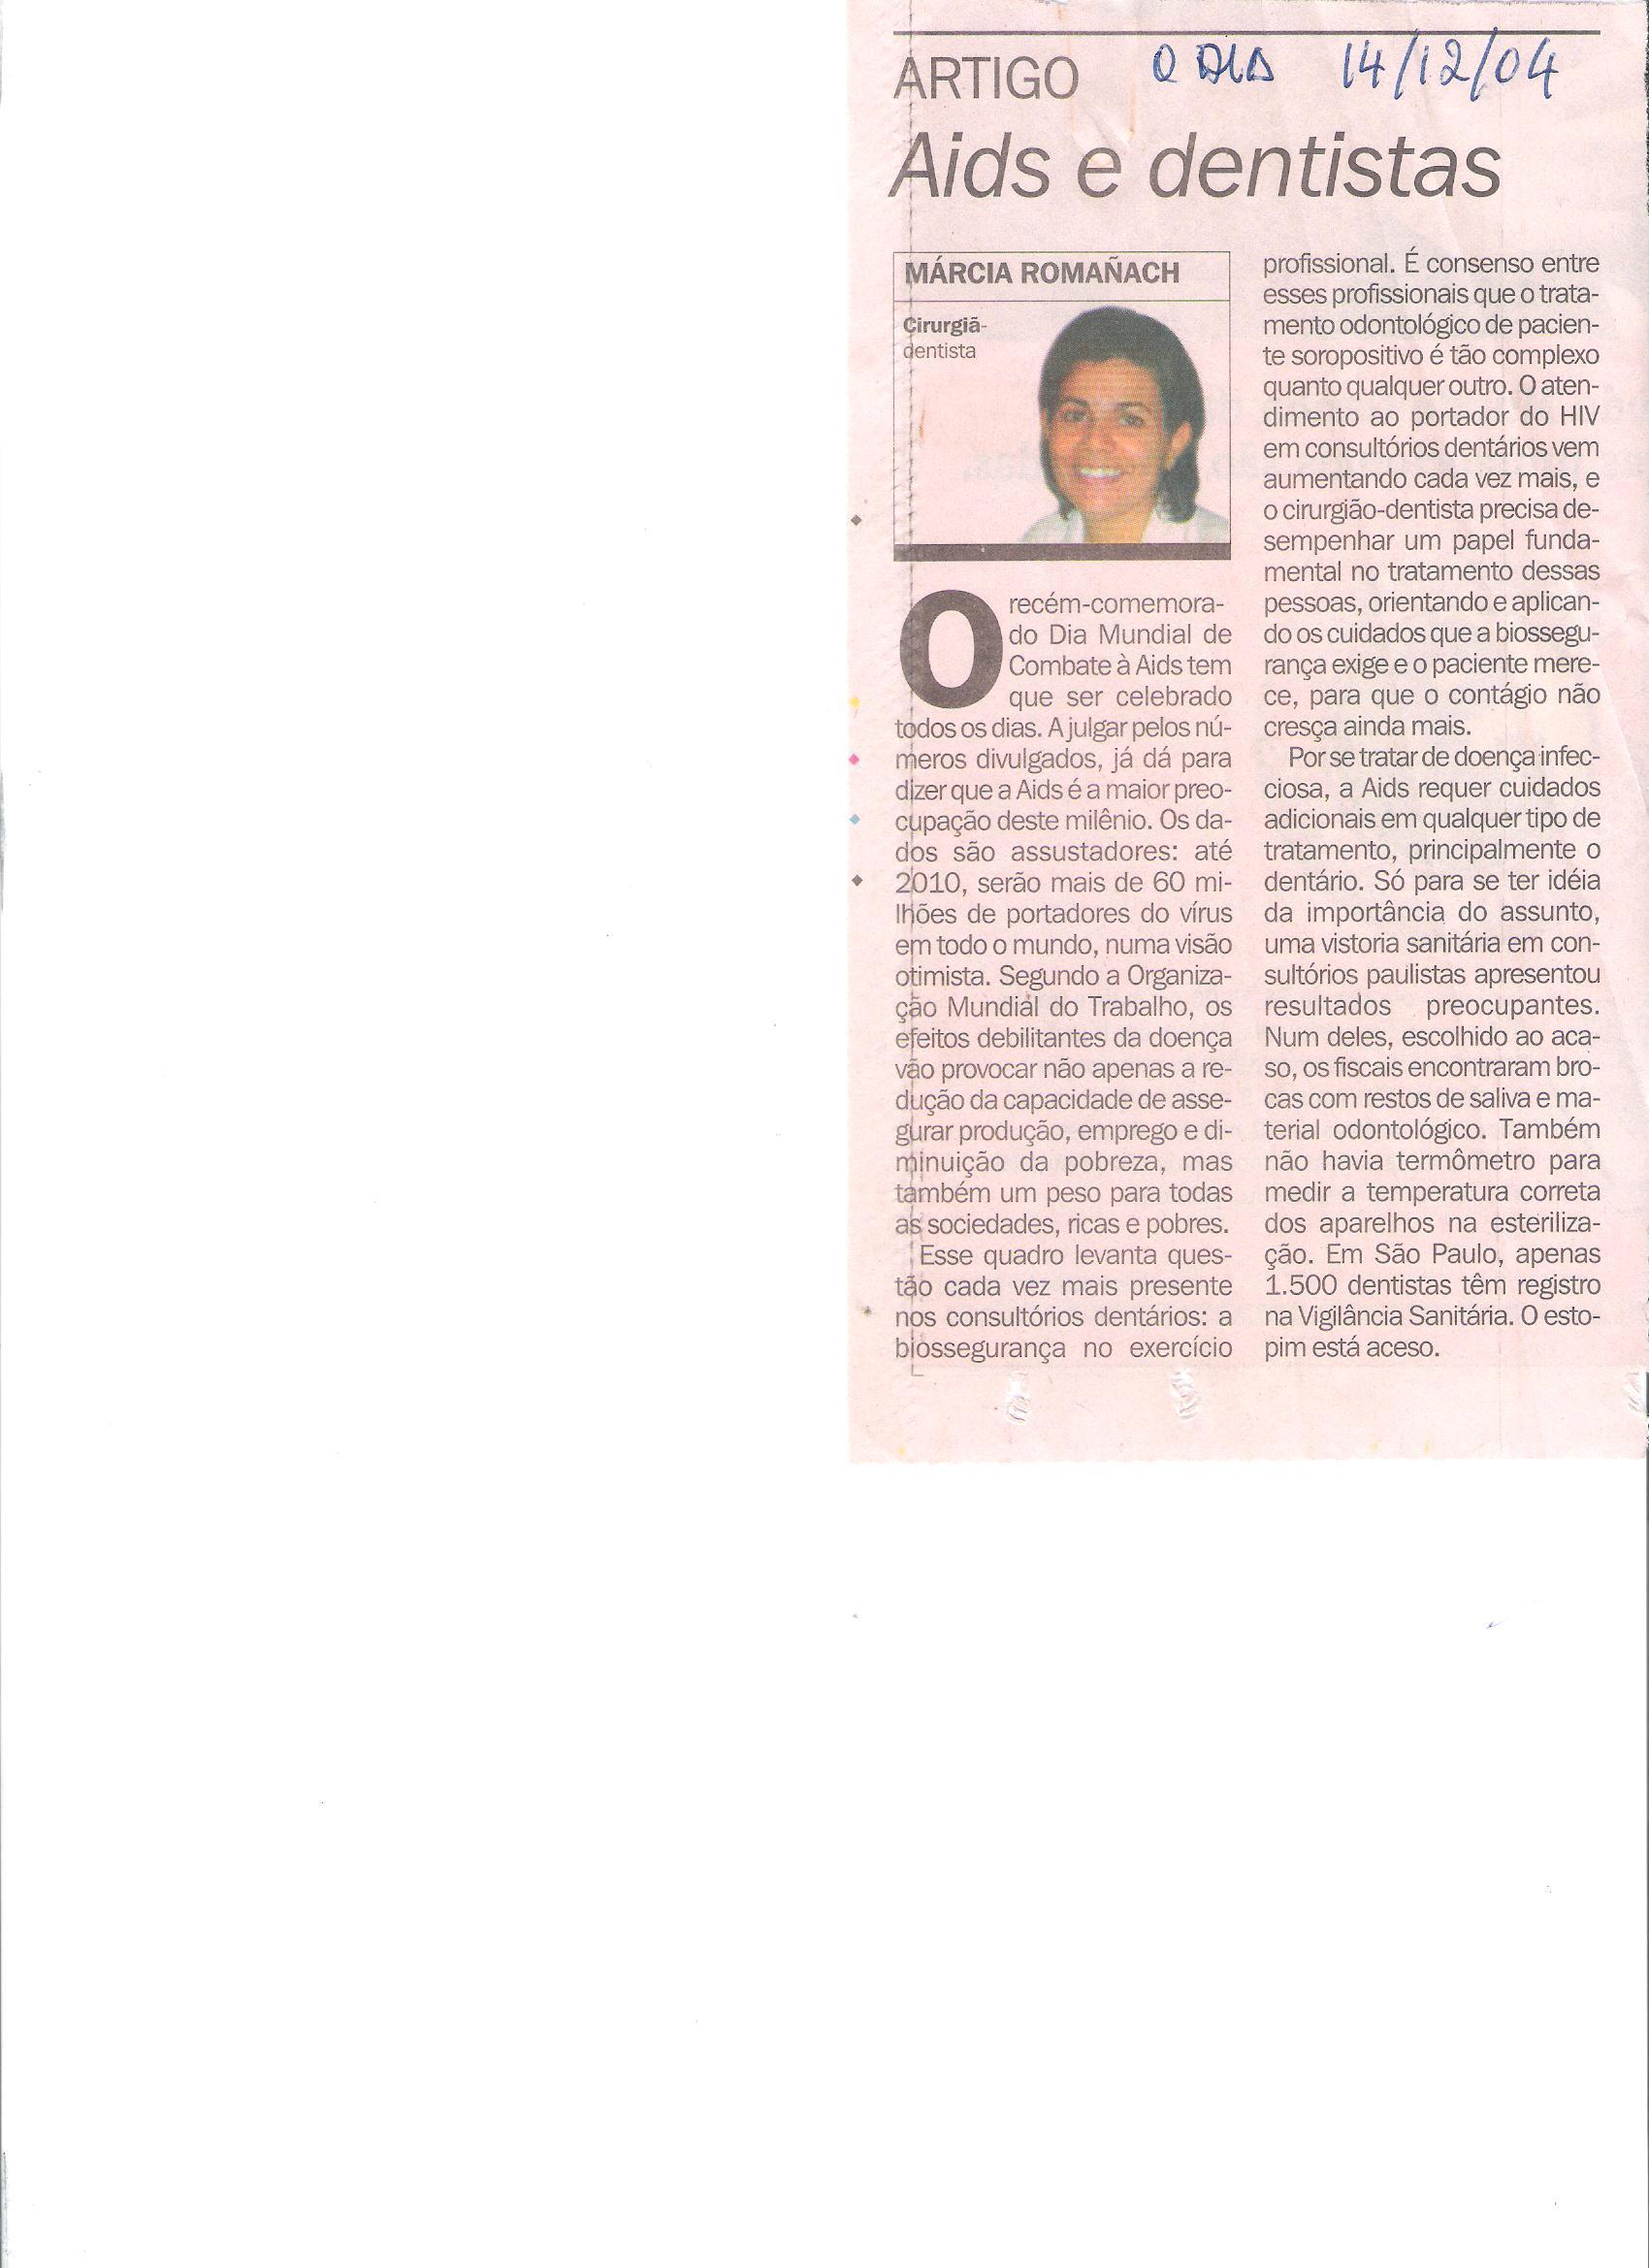 ODia2004.jpeg2.1jpeg